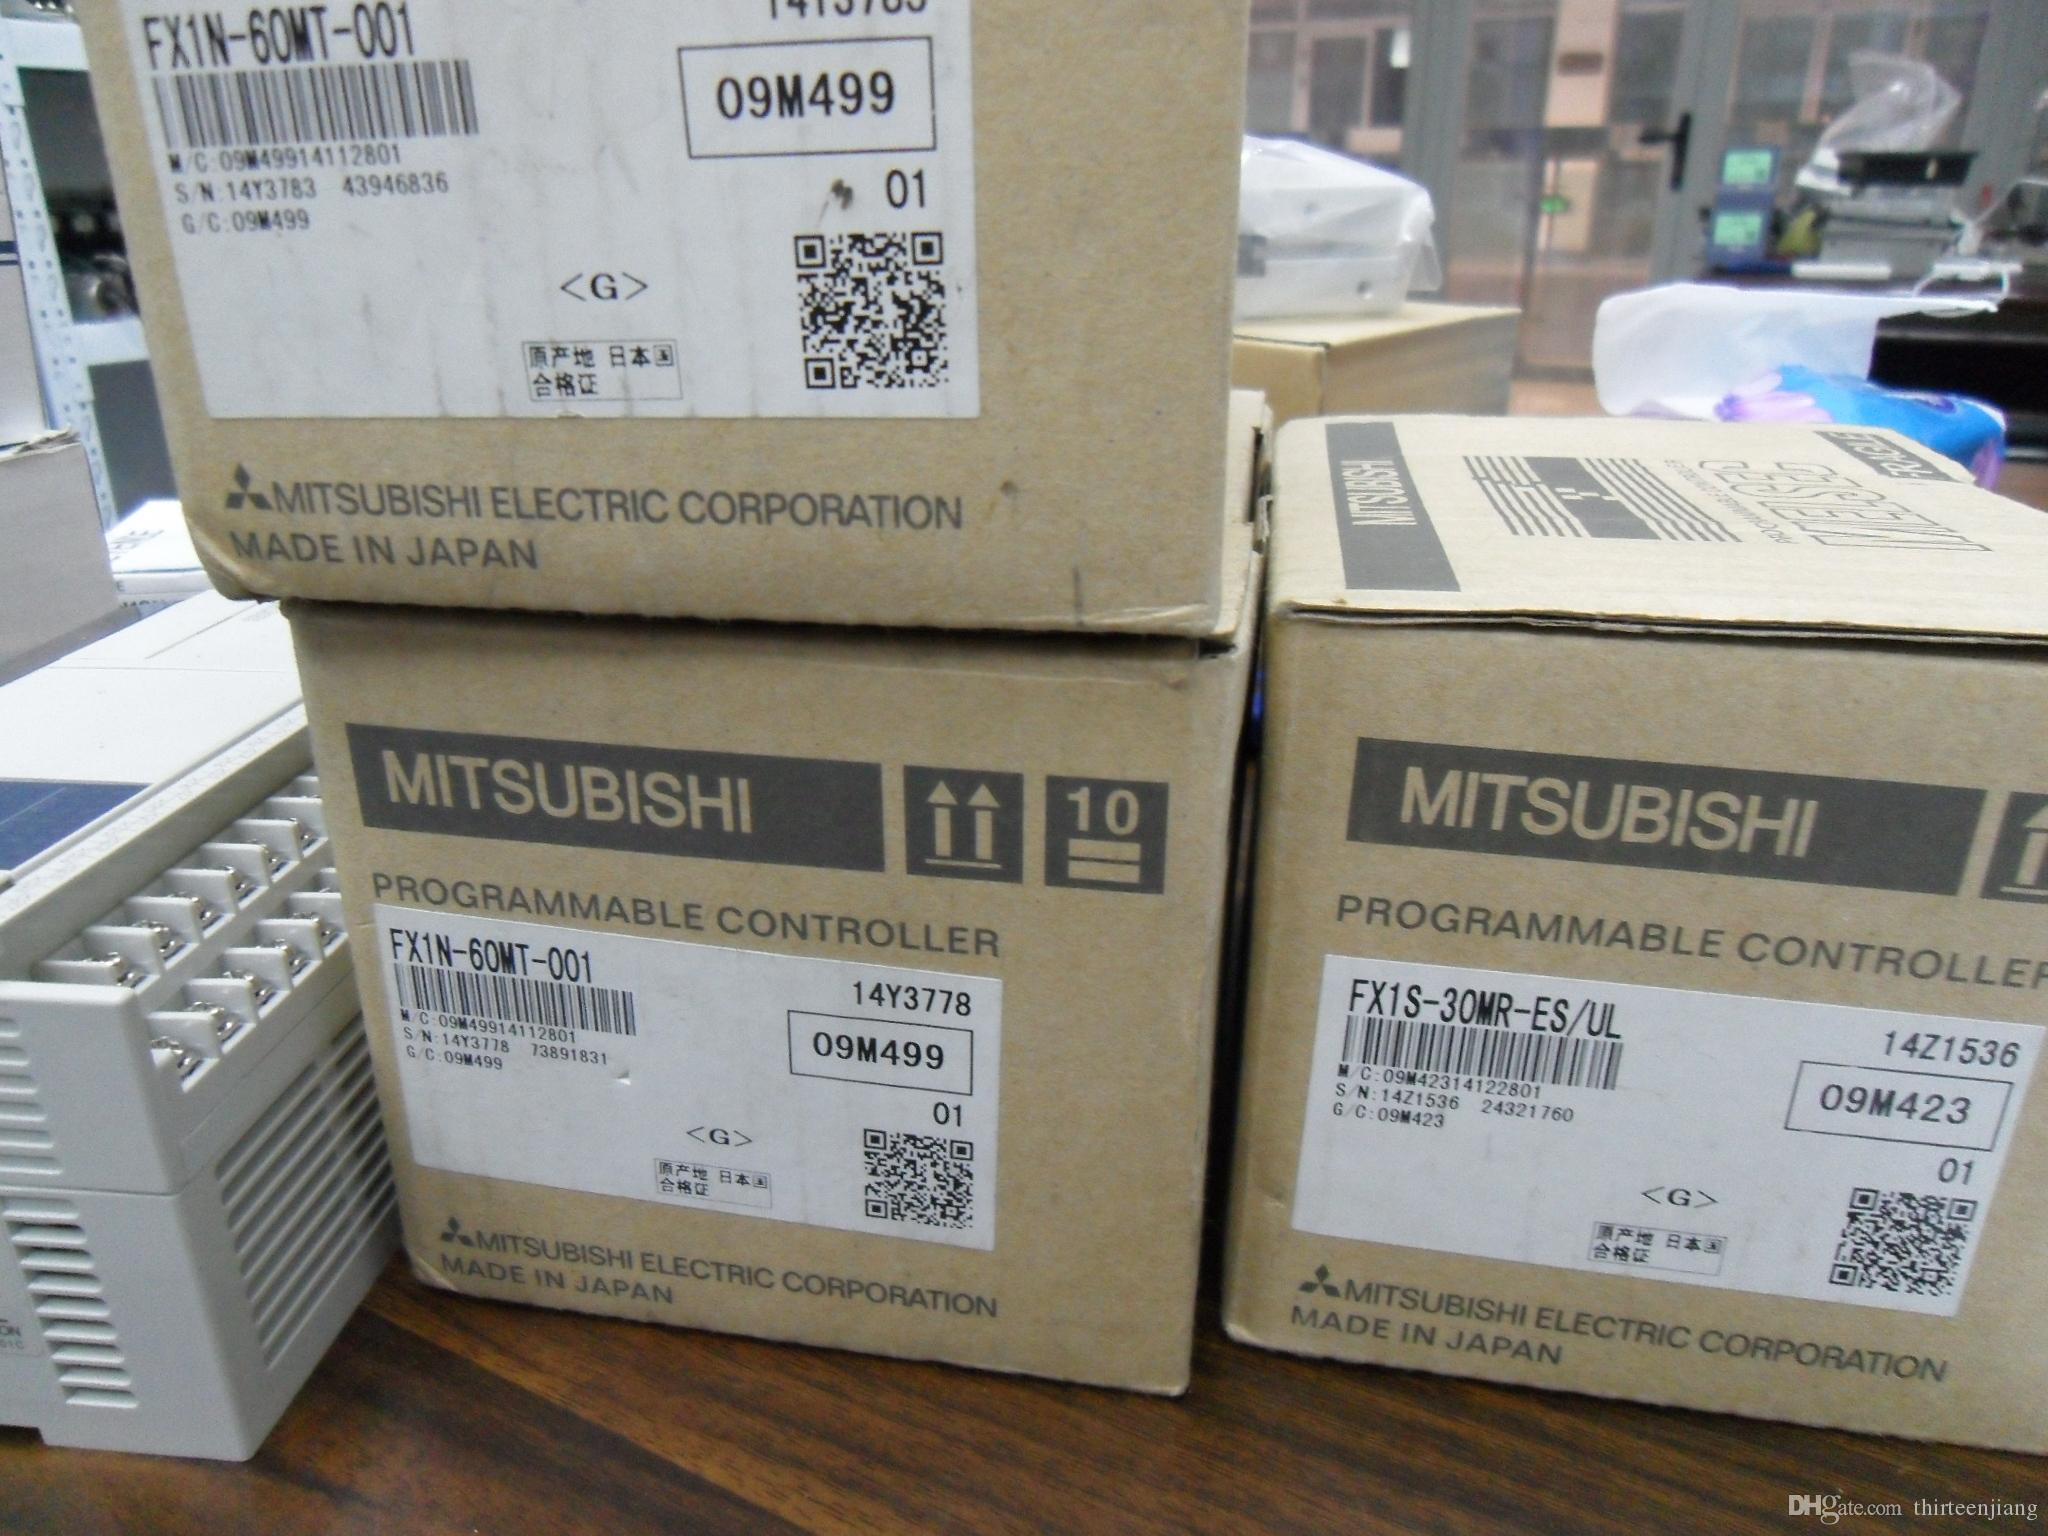 Mitsubishi PLC FX1S-30MR-ES / UL NUEVO EN CAJA ENVÍO EXPEDIDO GRATUITO FX1S30MRESUL